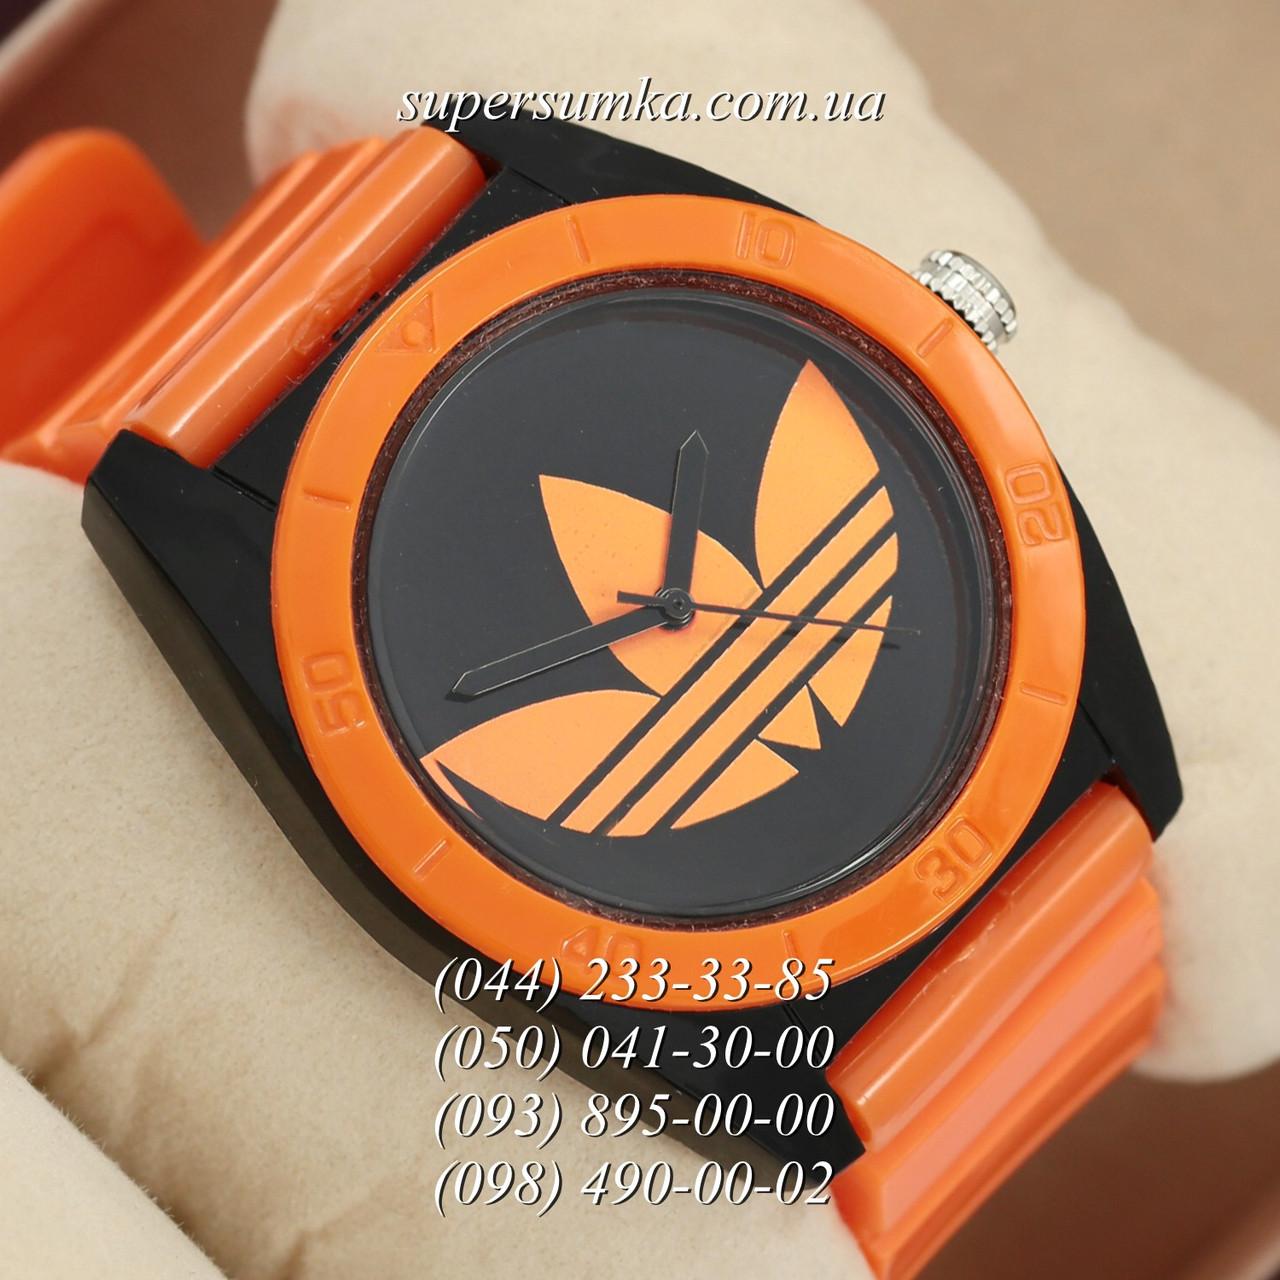 Стильные женские наручные часы Adidas Log 0927 Orange\Black - SUPERSUMKA интернет магазин в Киеве